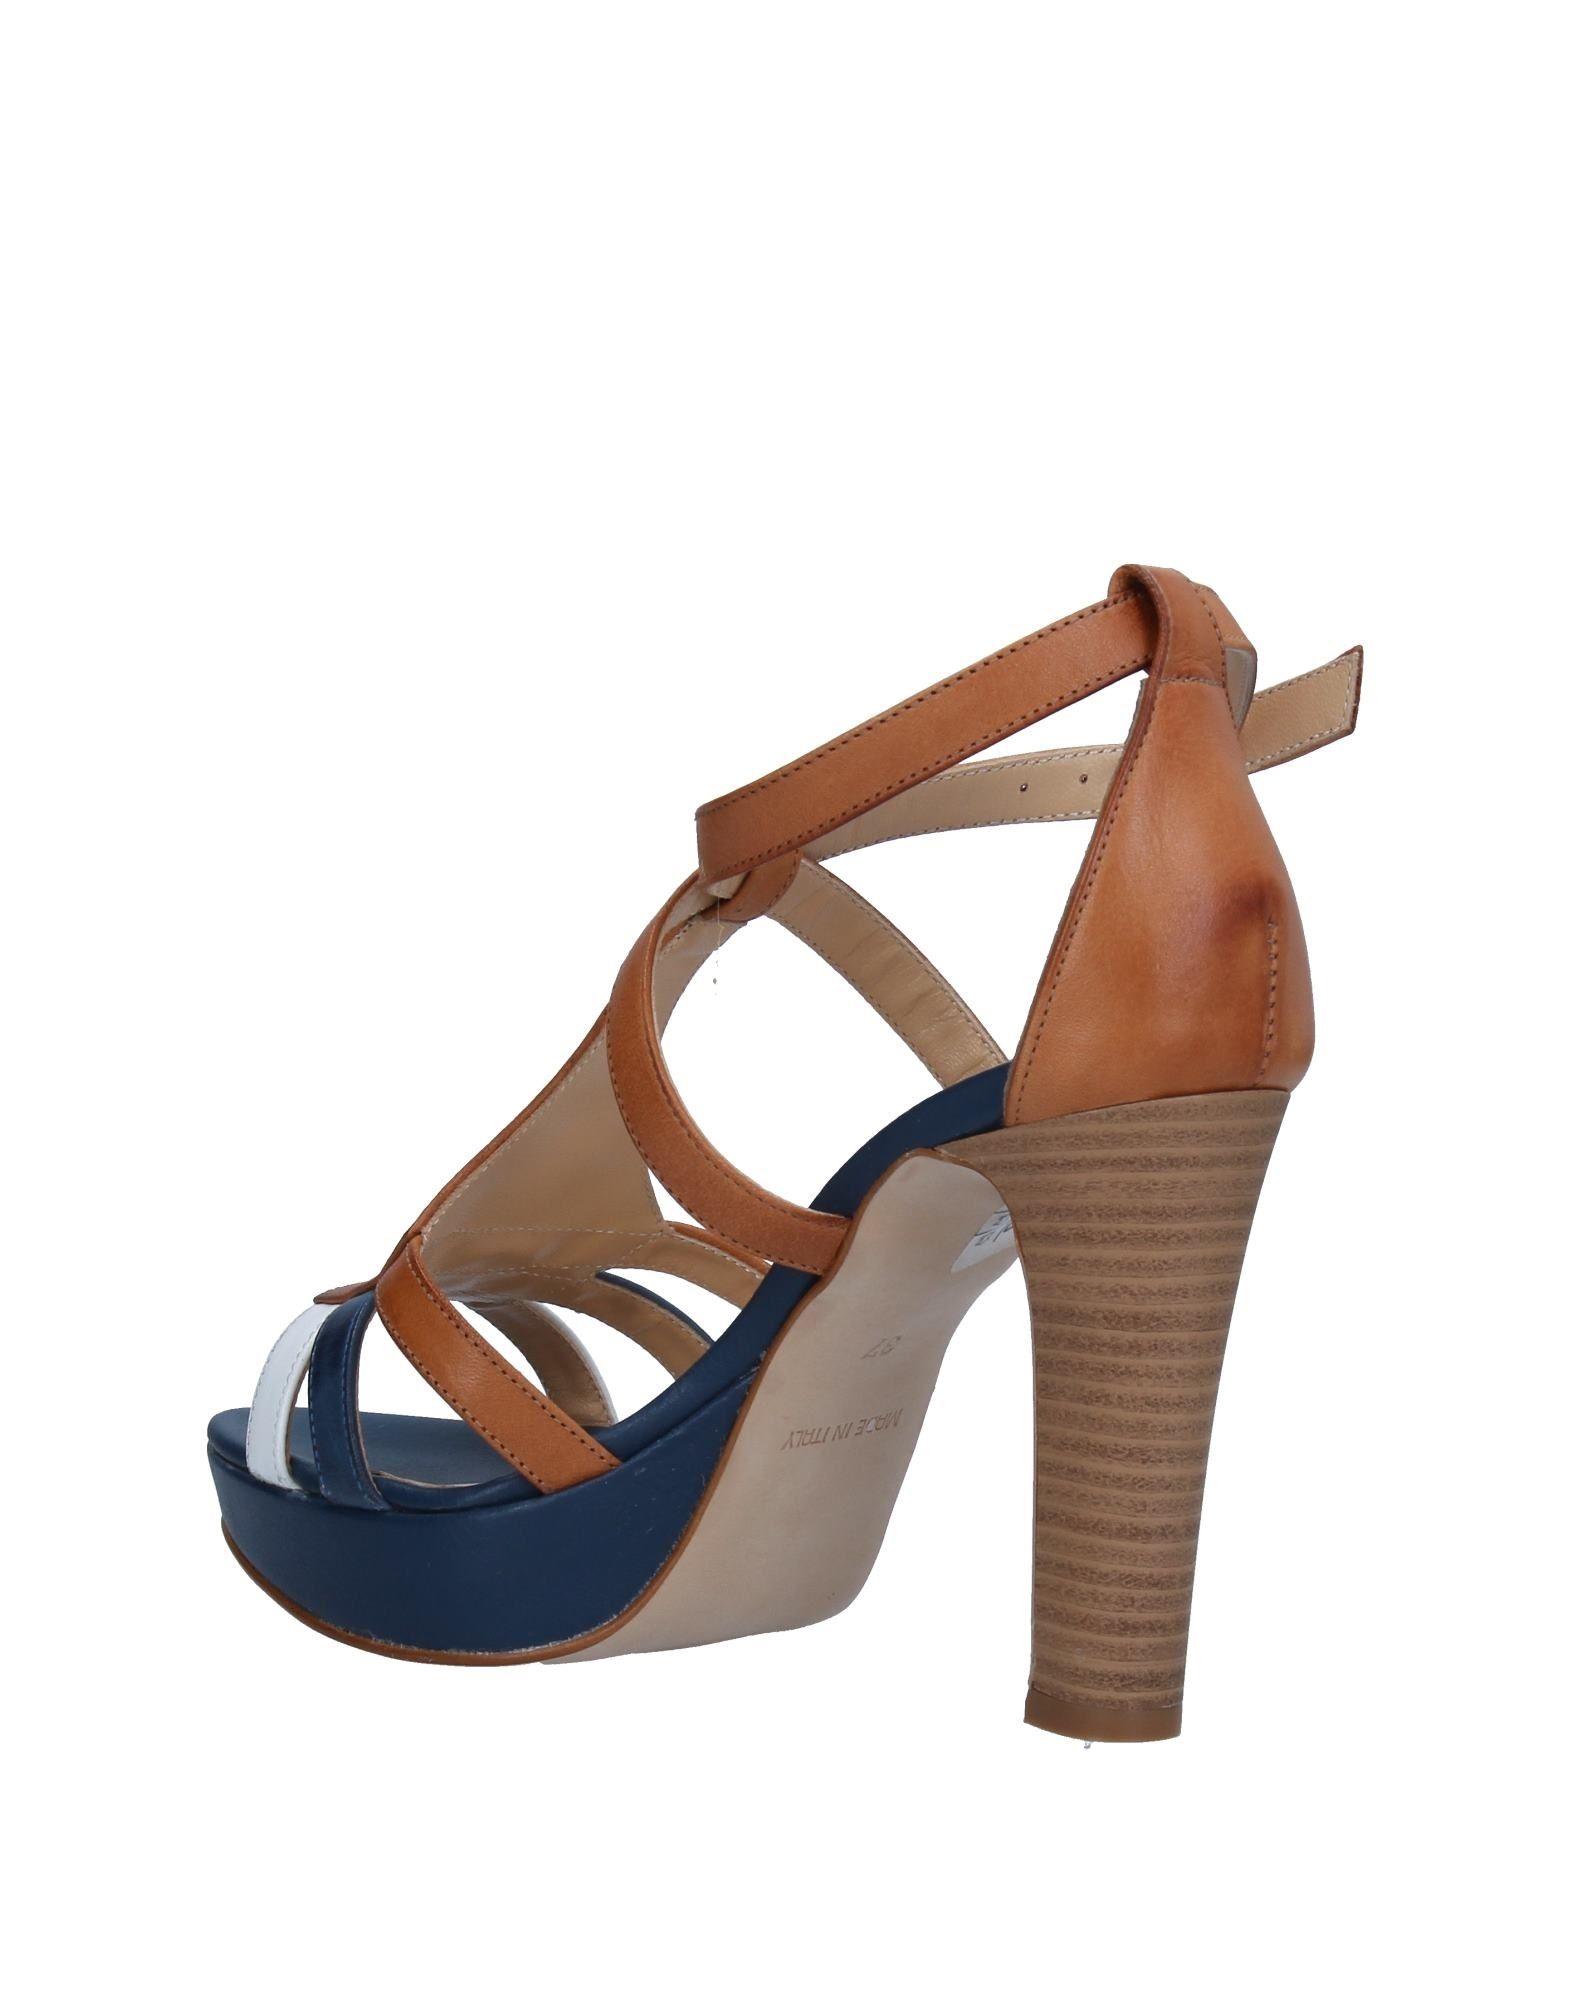 Damenschuhe Più Sandalen Damen Gutes Preis-Leistungs-Verhältnis, es es es lohnt sich 2820 c06d9c